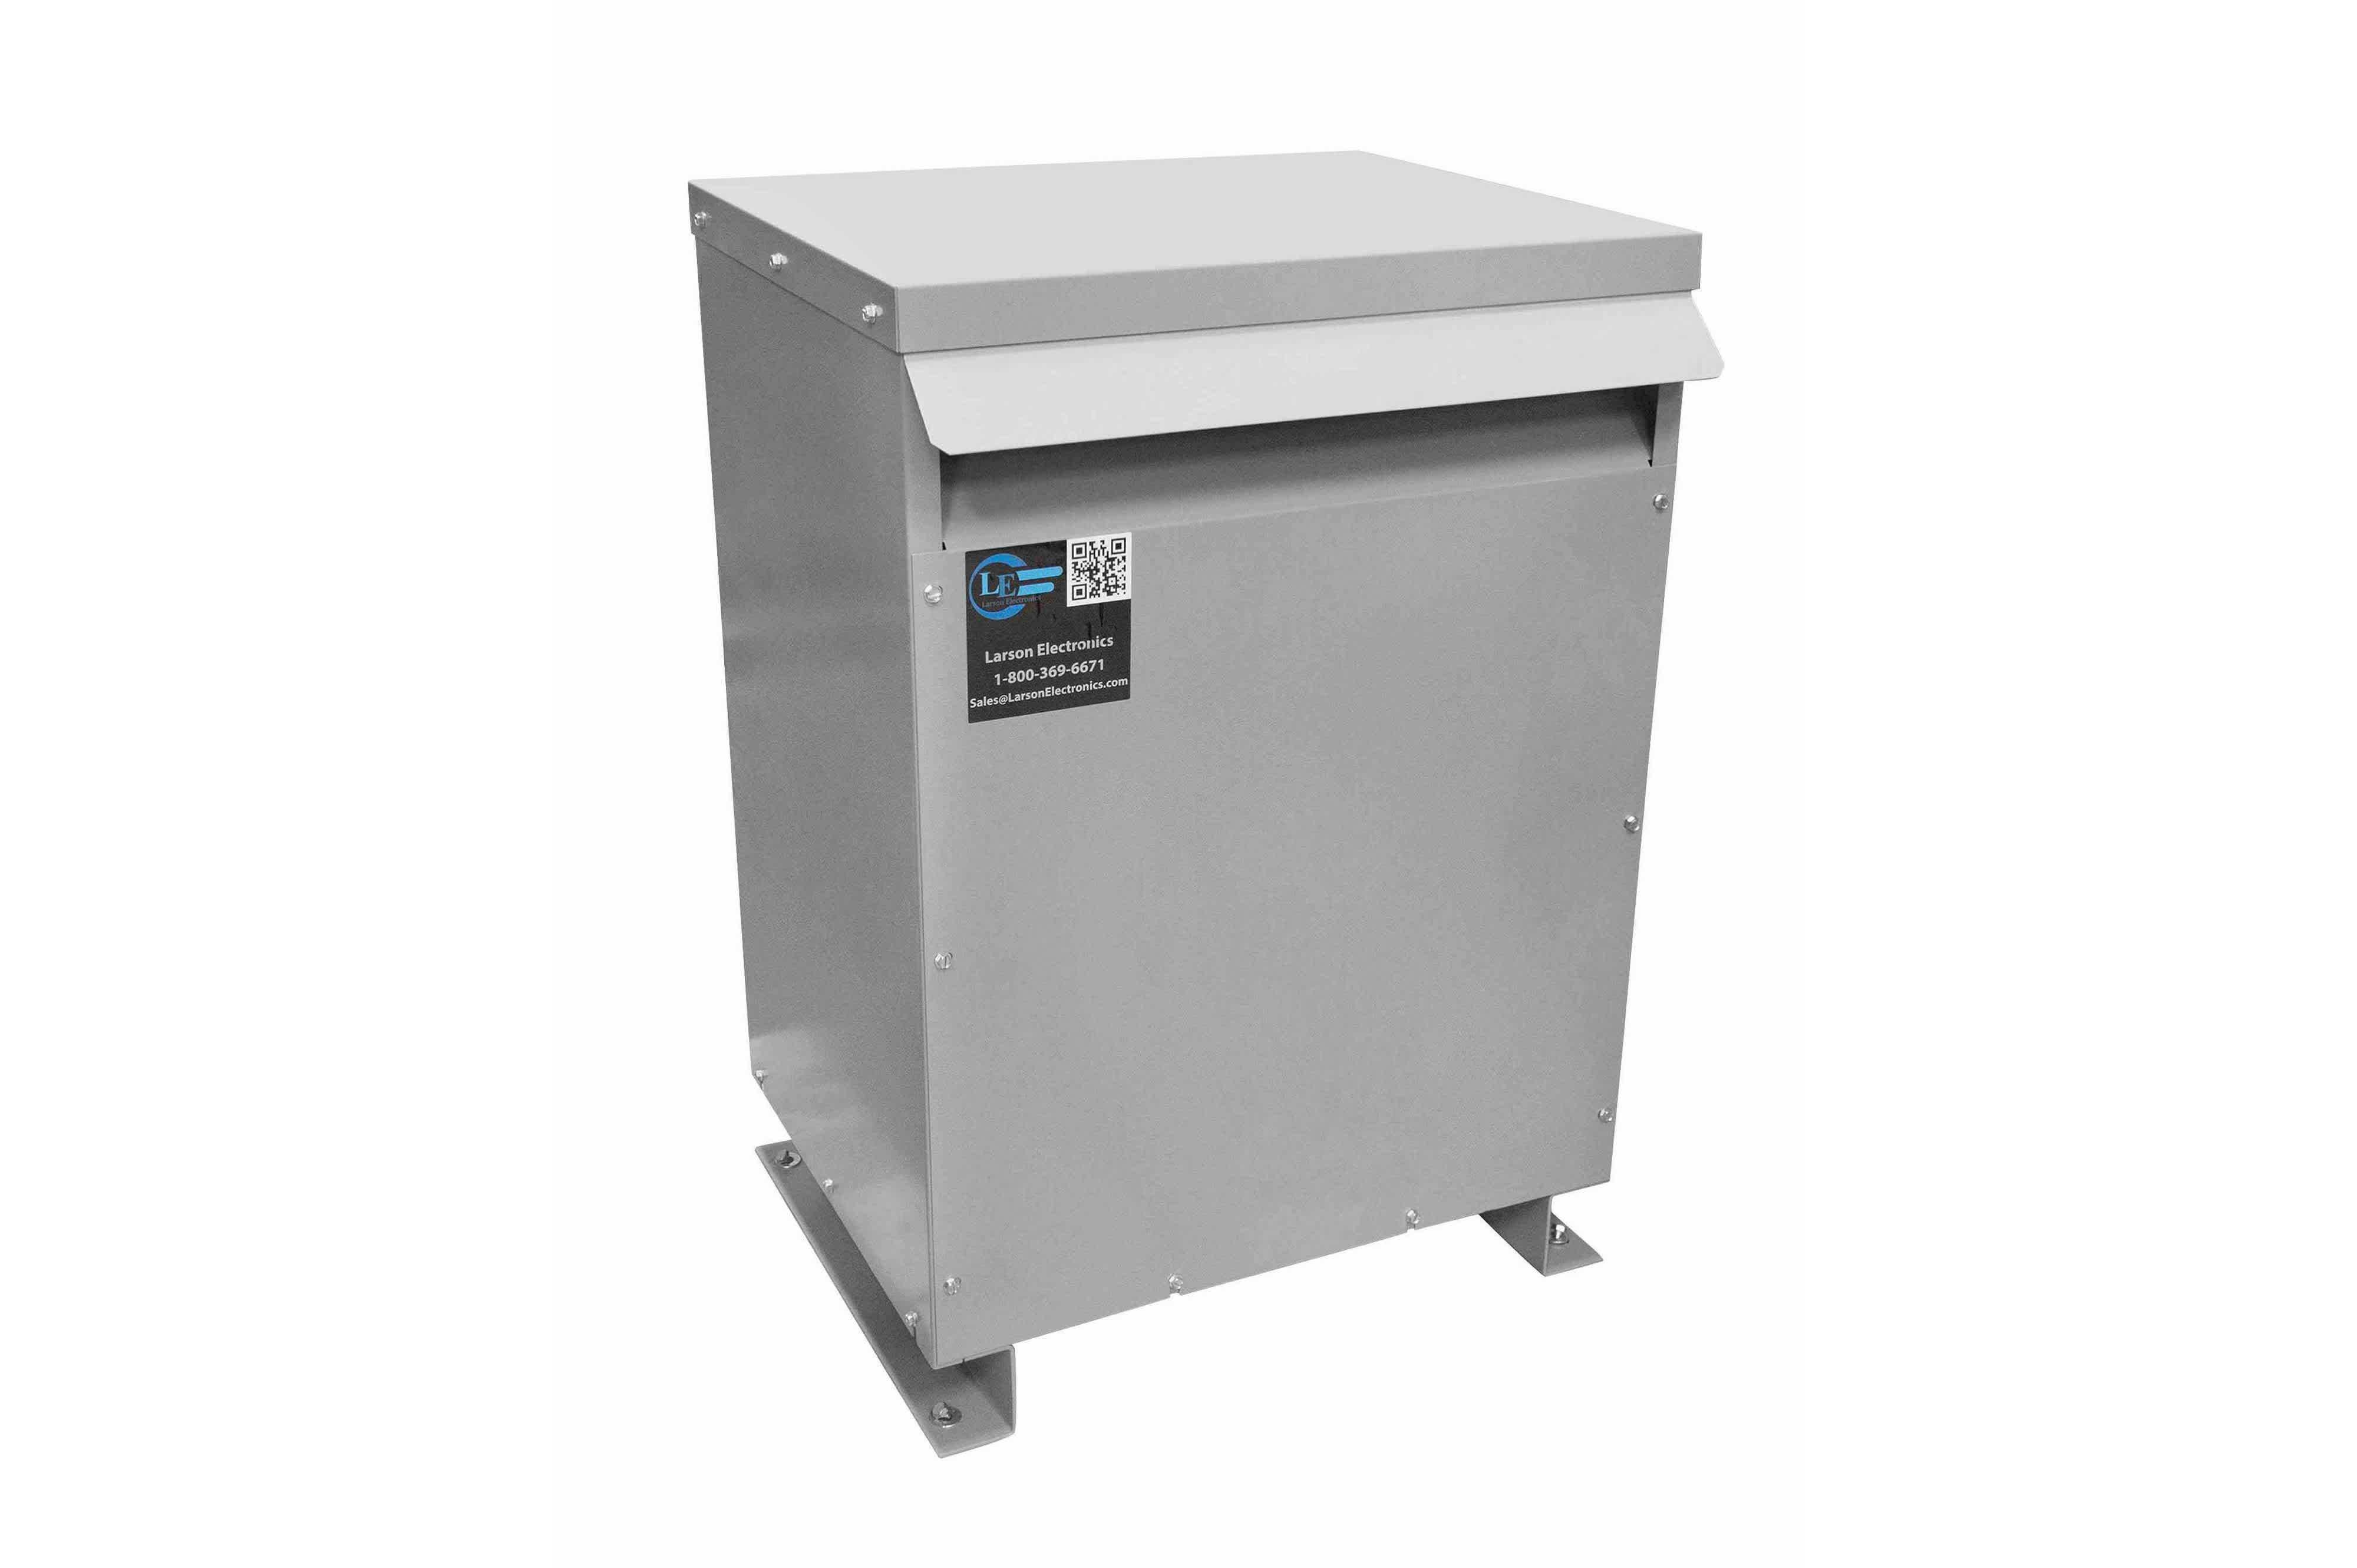 137.5 kVA 3PH Isolation Transformer, 480V Delta Primary, 600V Delta Secondary, N3R, Ventilated, 60 Hz